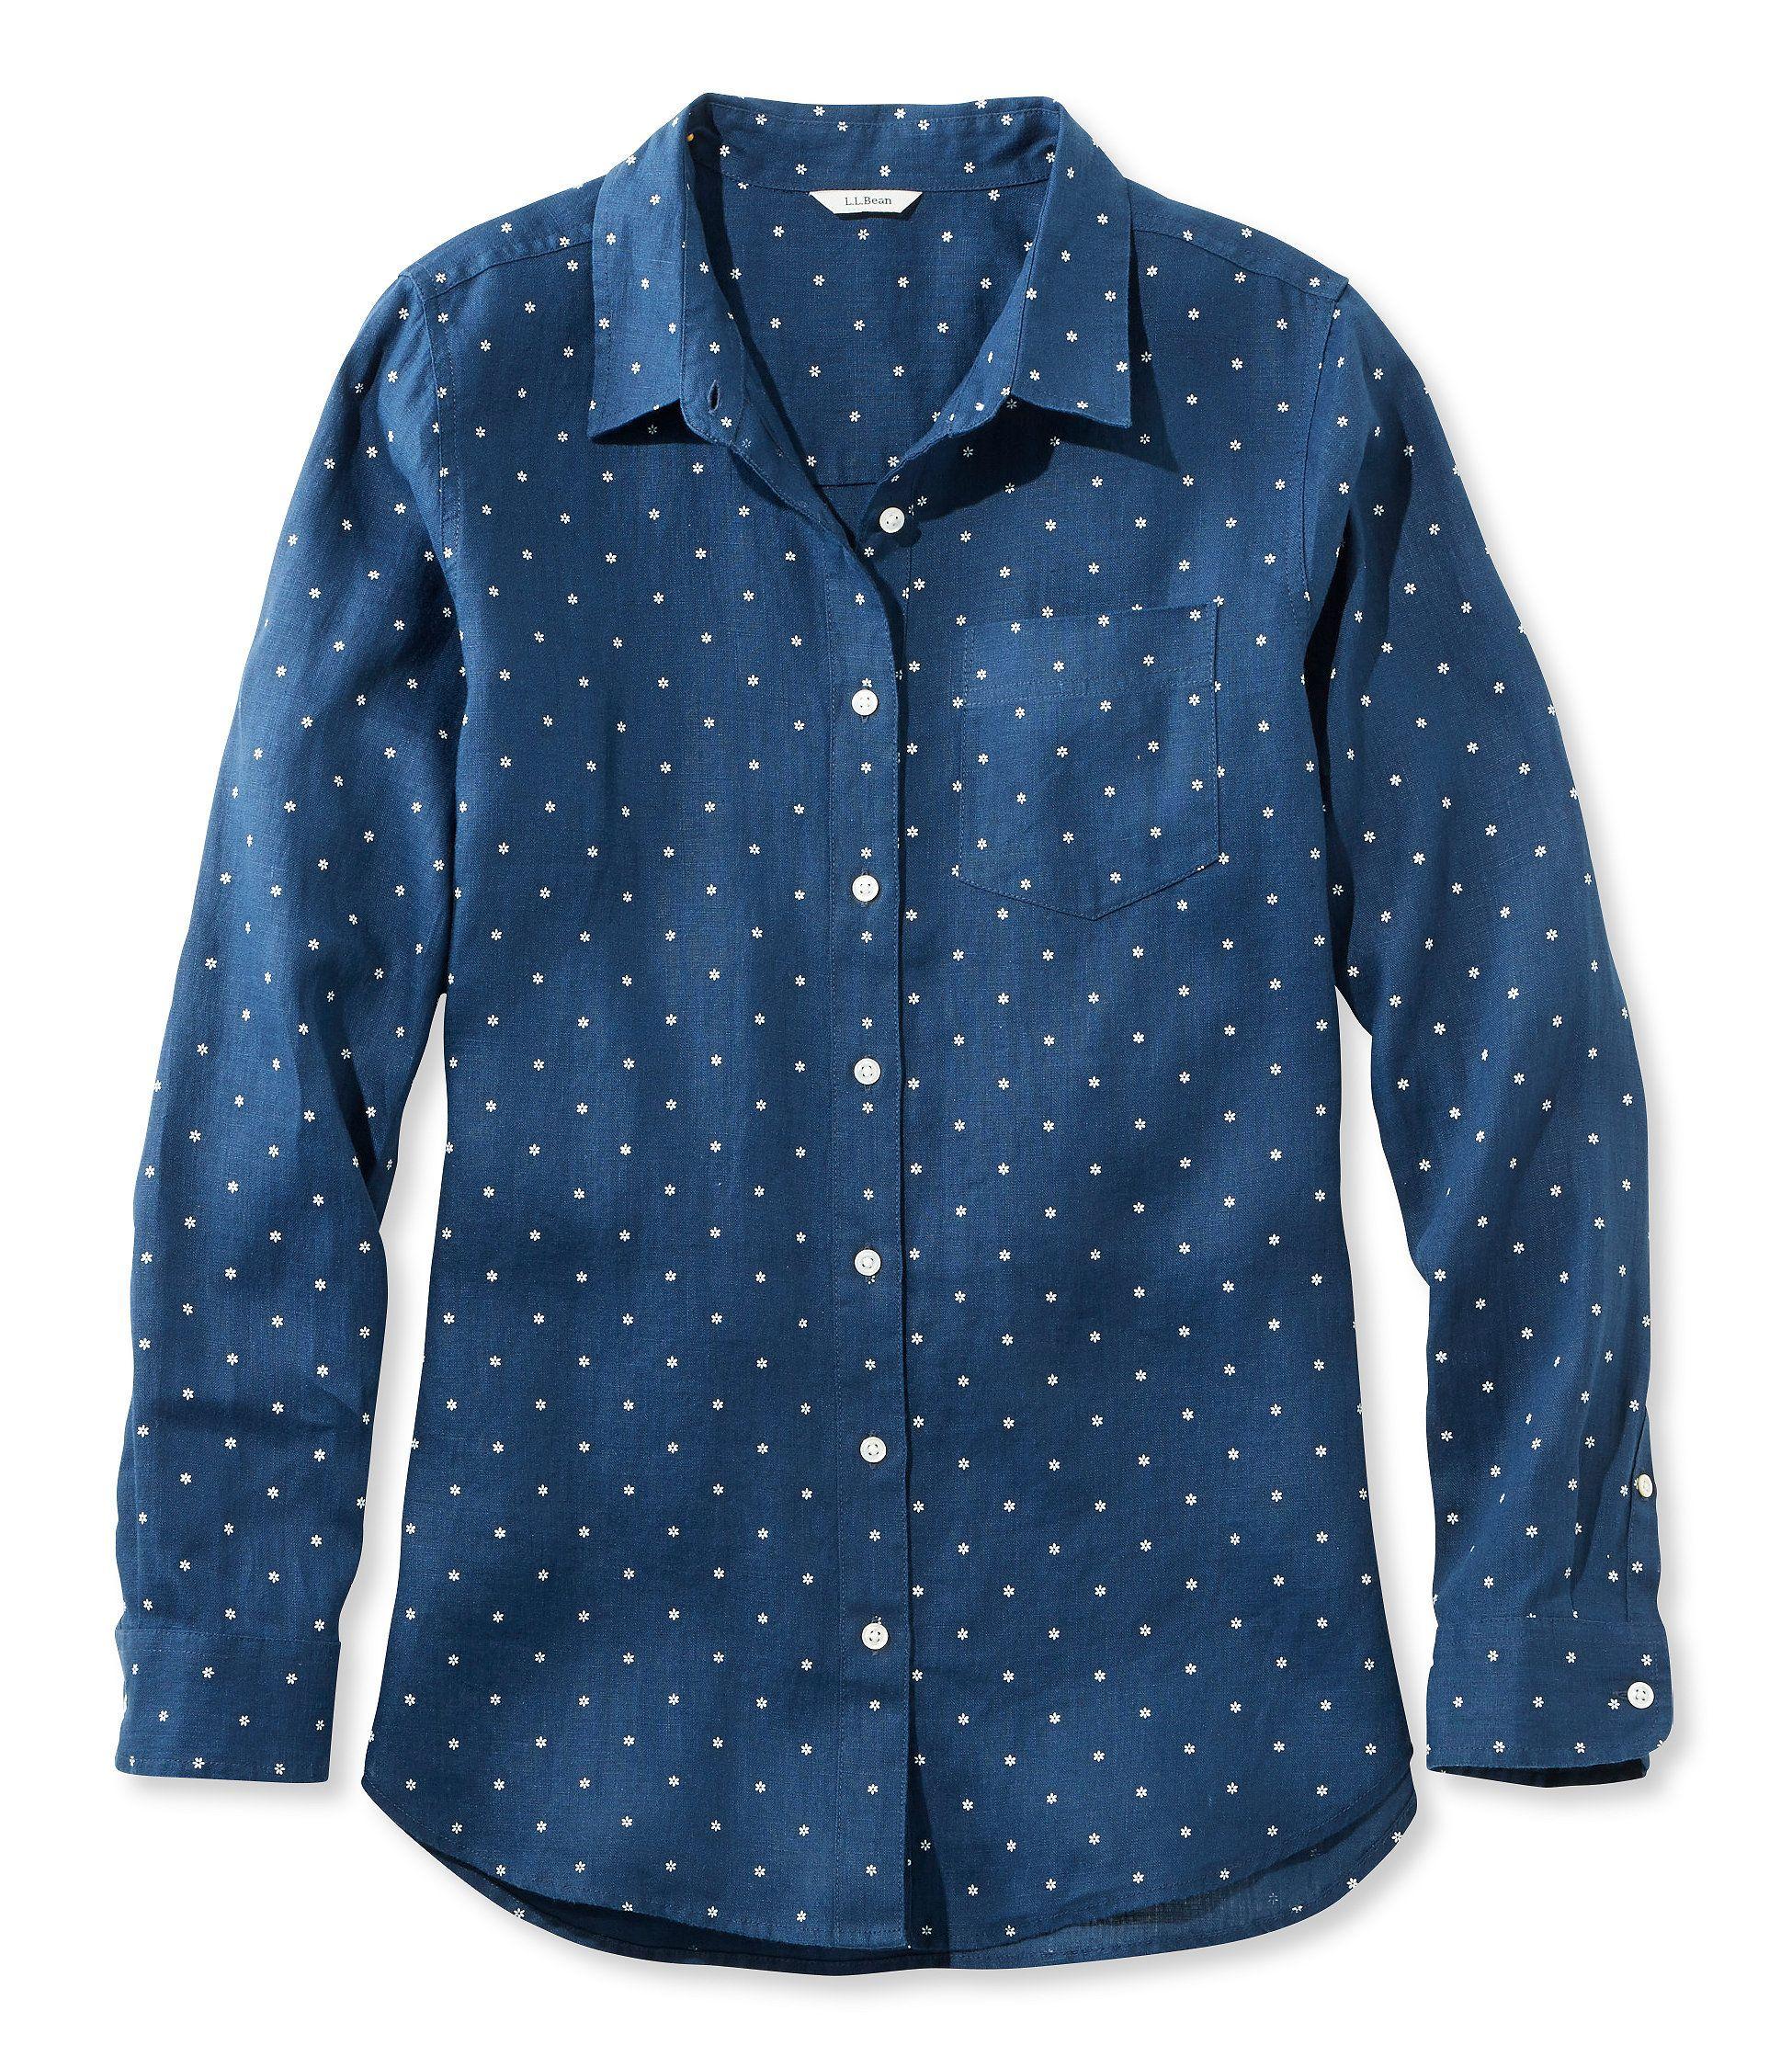 e80f346ecae81 Premium Washable Linen Shirt